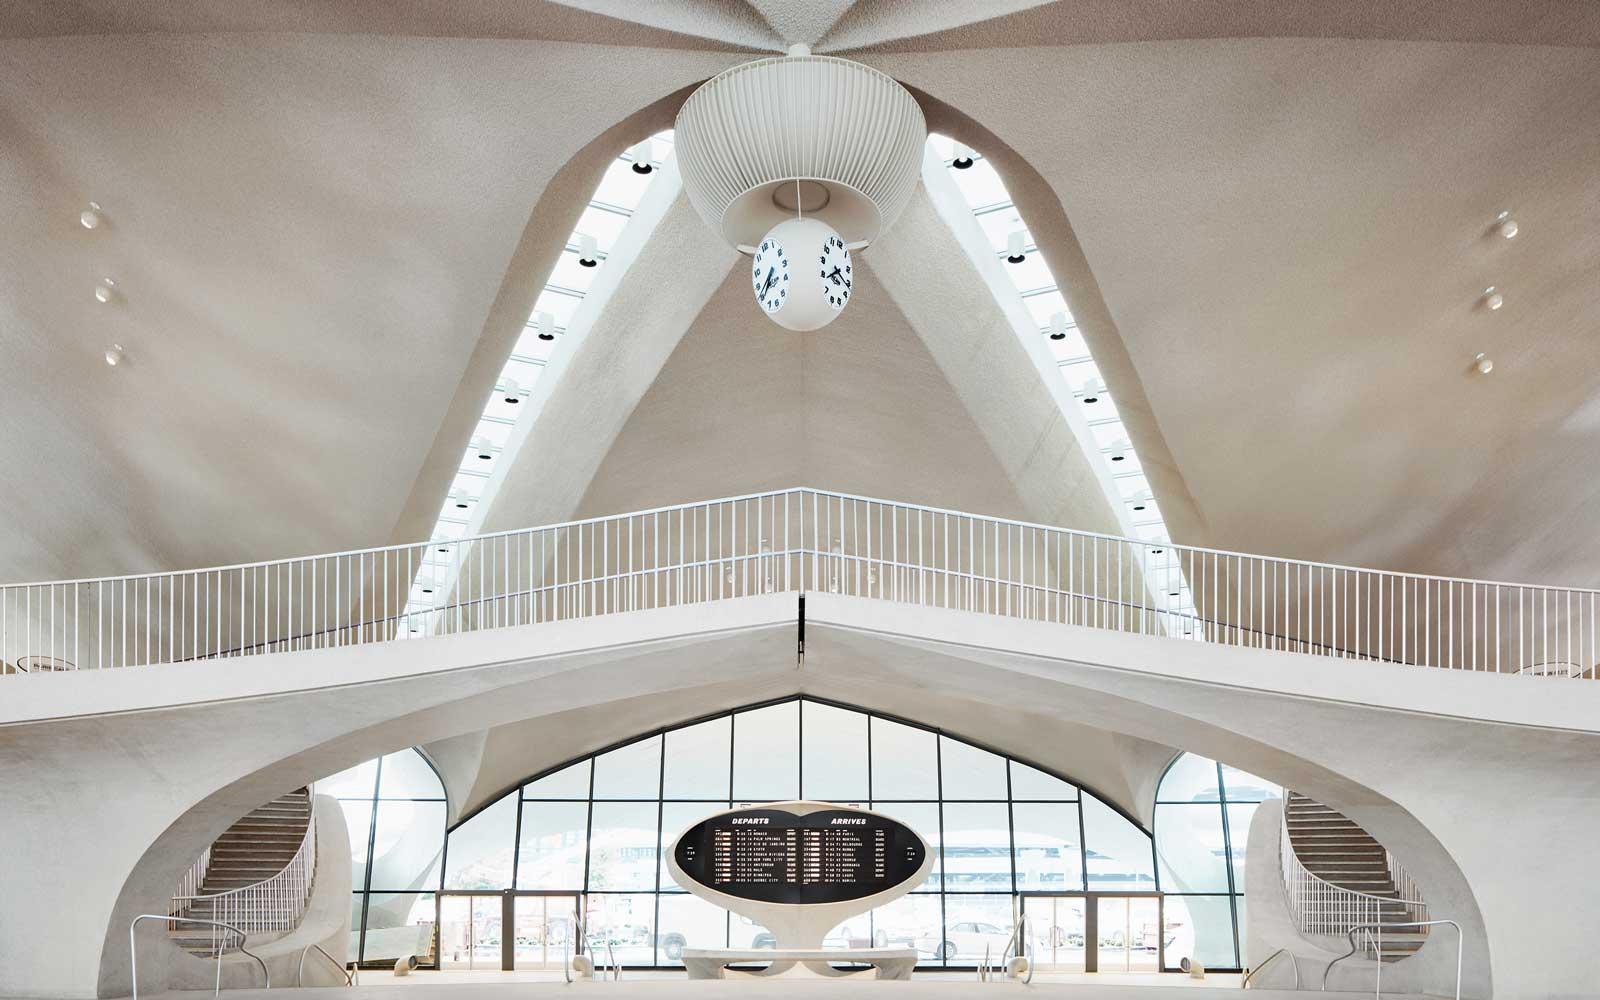 twa-hotel-jfk-airport-lobby-TWAOPEN0519.jpg